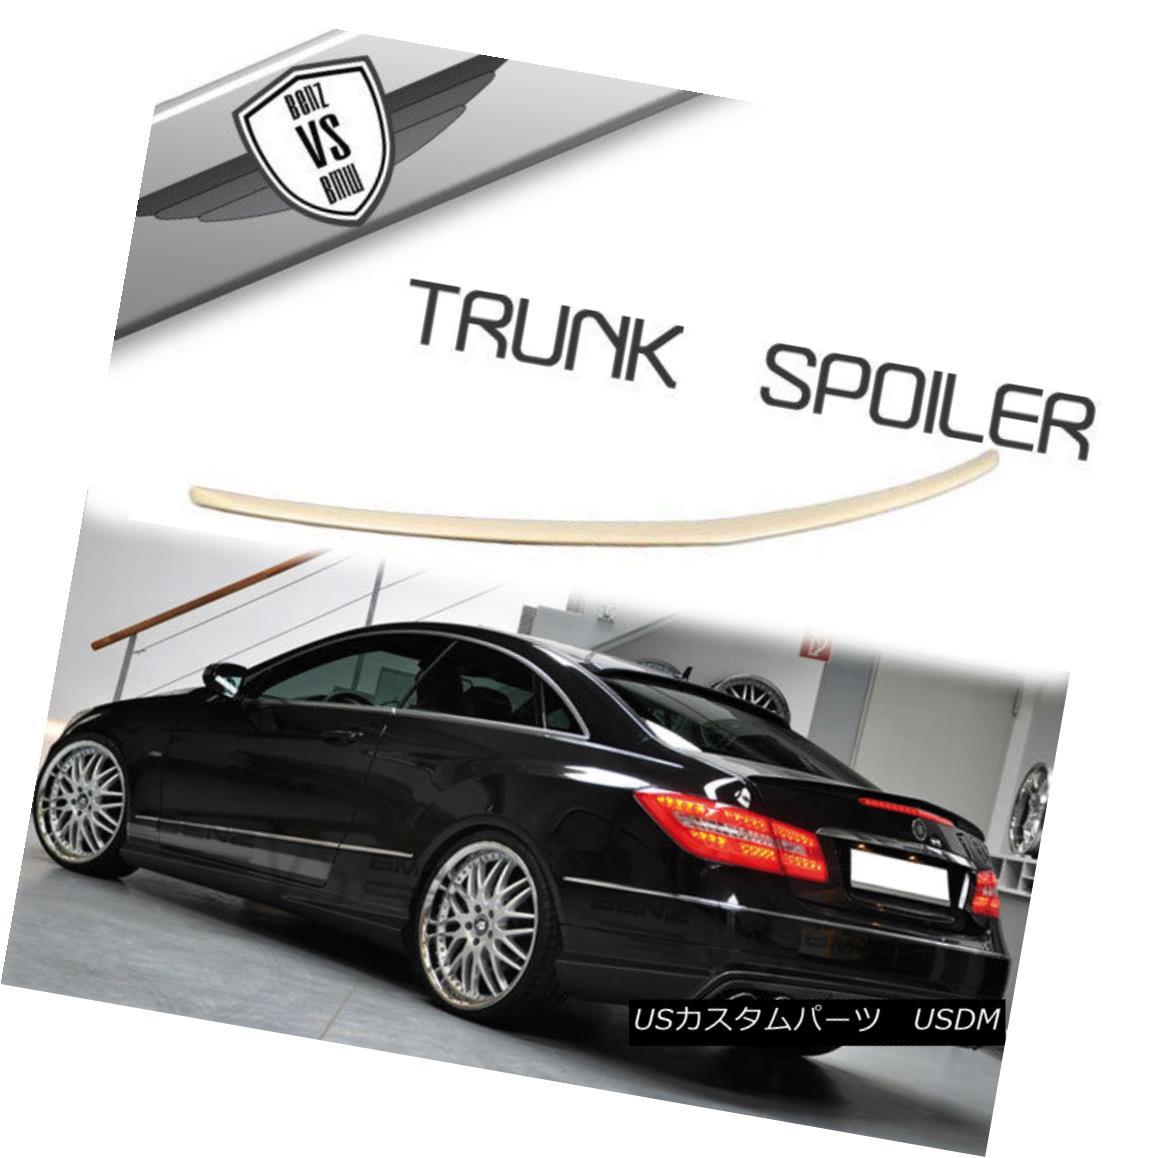 エアロパーツ Fit 10 11 12 13 14 15 16 17 Benz W207 C207 E Class Coupe 2Dr Trunk Spoiler ABS フィット10 11 12 13 14 15 16 17ベンツW207 C207 Eクラスクーペ2DrトランクスポイラーABS